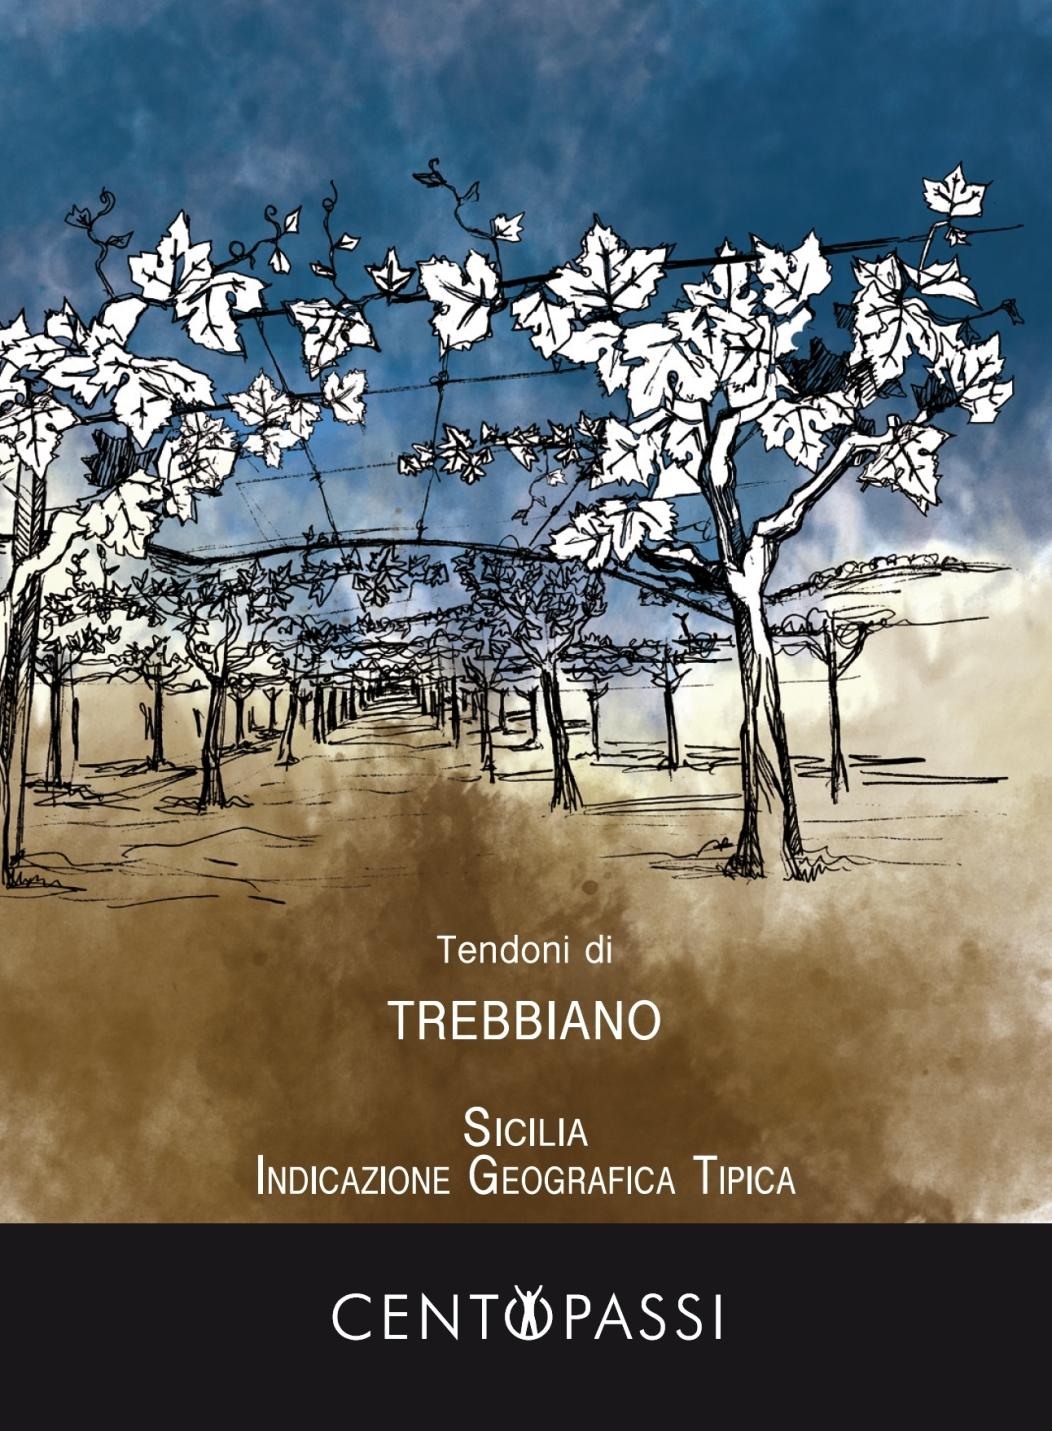 Tendoni di Trebbiano Sicilia IGT - CENTOPASSI